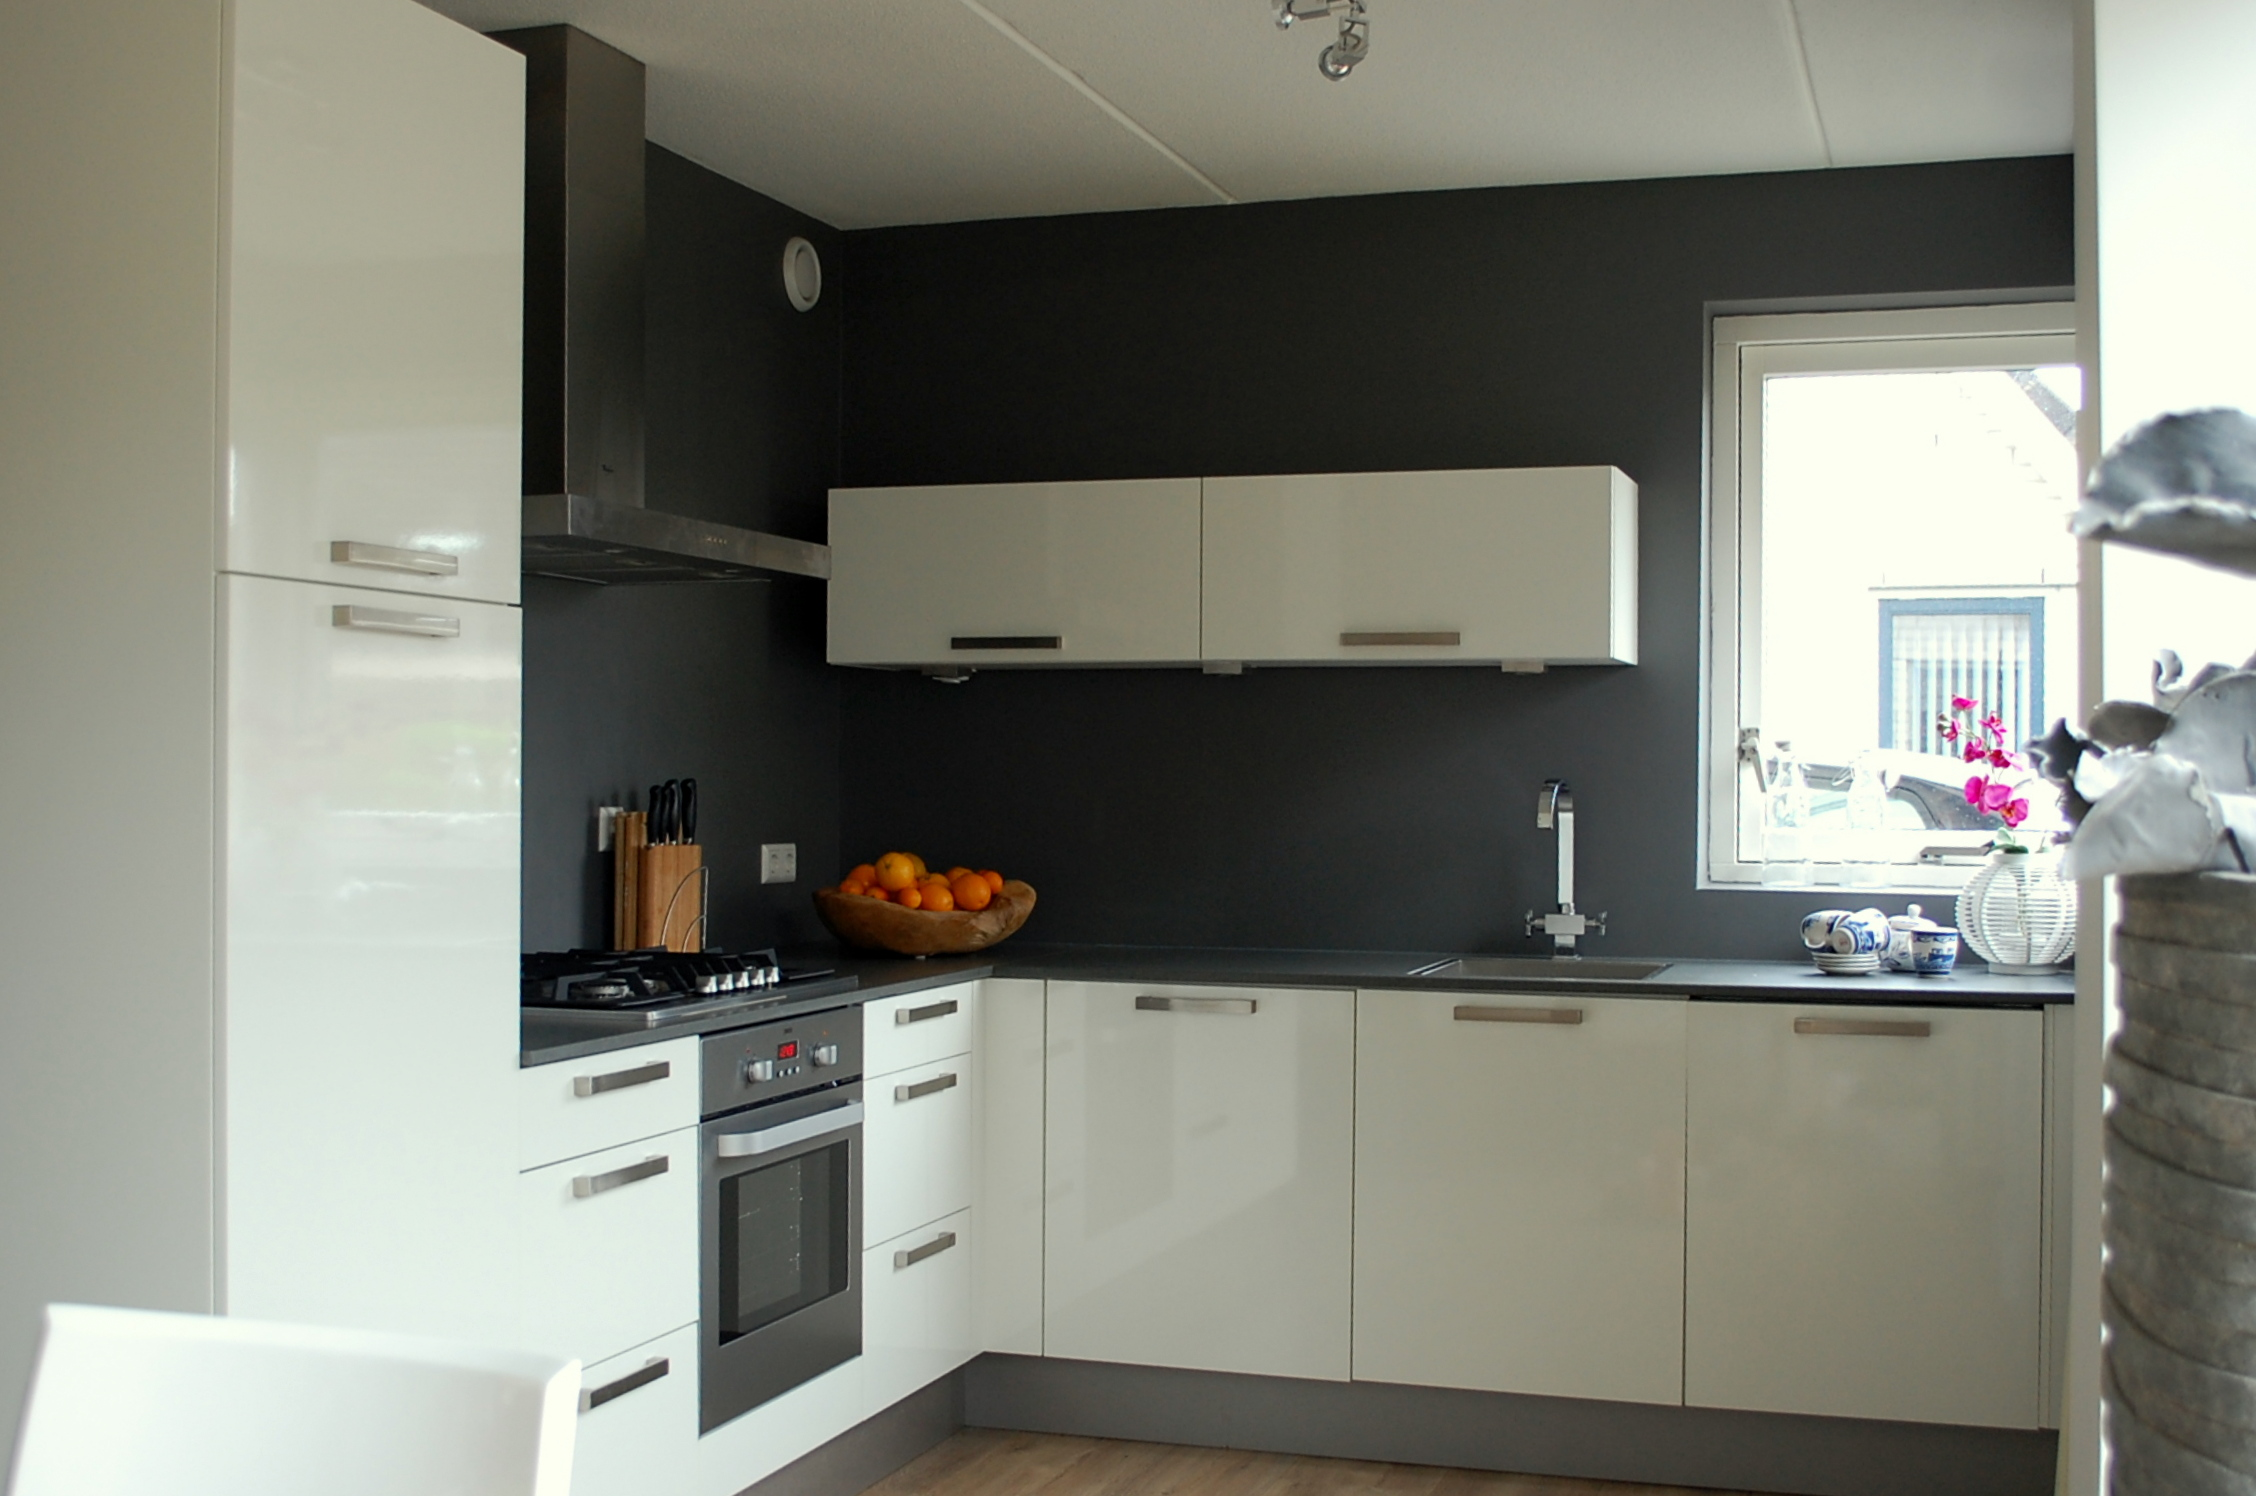 Achterwand Keuken Grote Tegels : De moderne keuken heeft een donker grijze achterwand gekregen en is